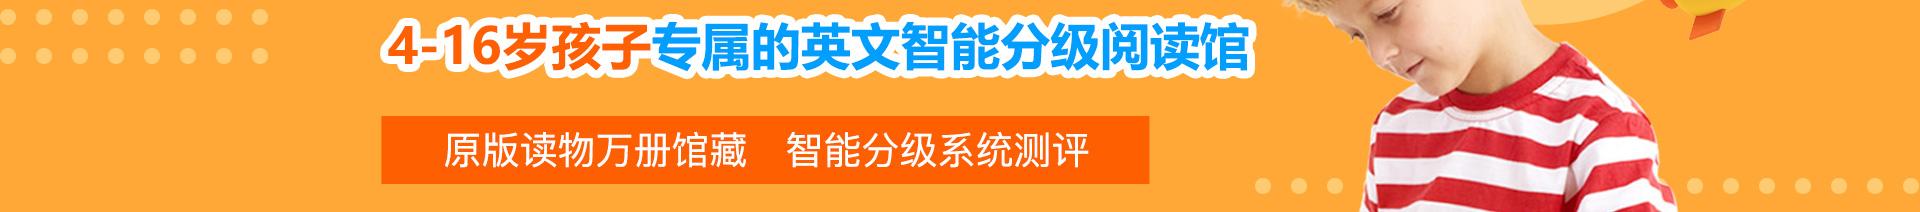 GogoReading少儿英语分级阅读馆详情_03